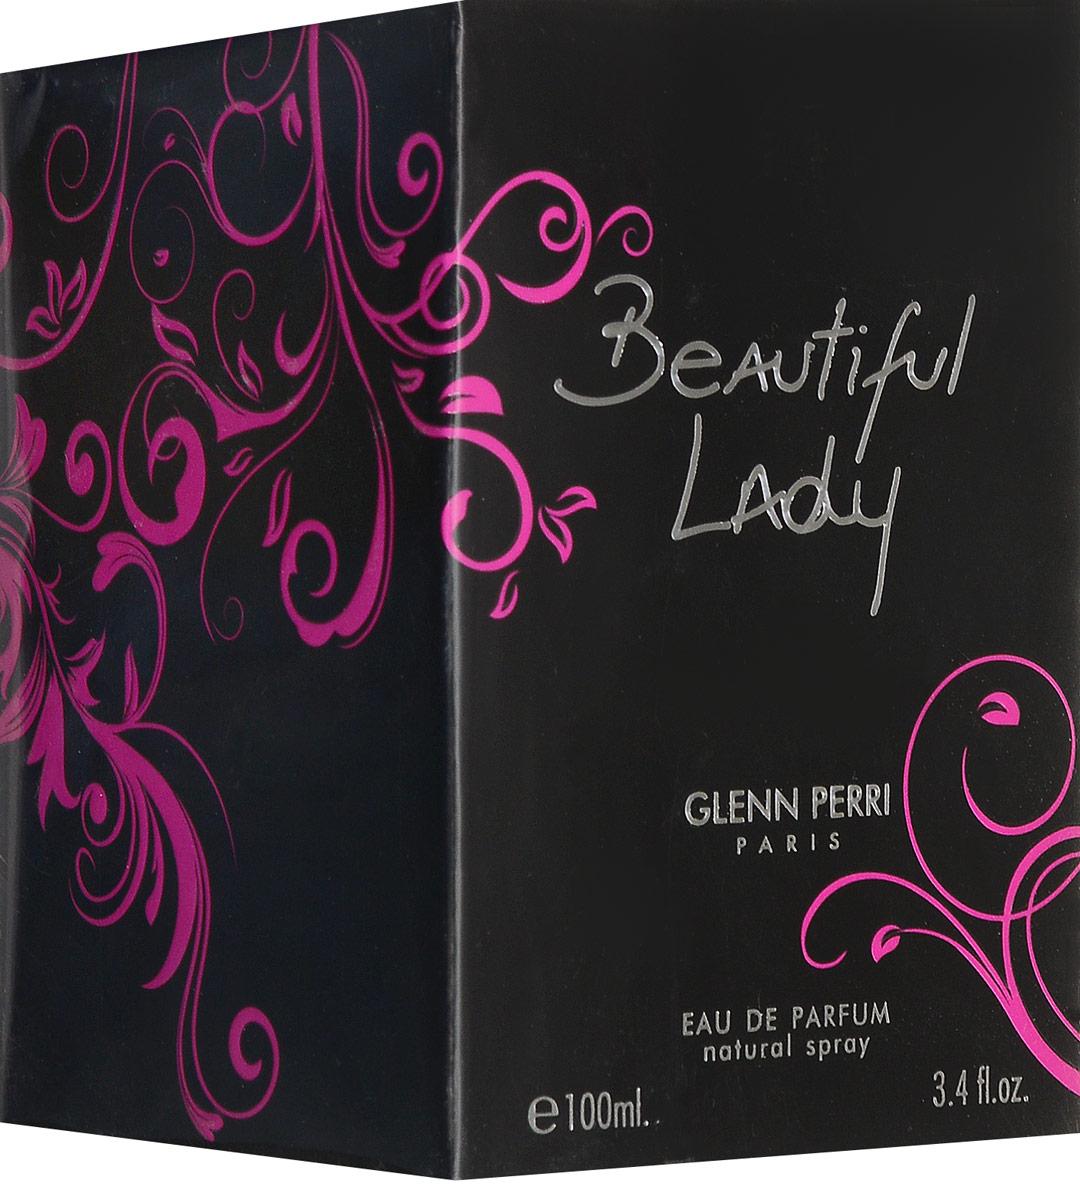 Geparlys Парфюмерная вода Beautiful Lady for women Линии Parfums Glenn Perri, 100 мл3700134406705С неординарной композицией данного аромата вы начнете нравиться самой себе, а окружающие и вовсе признают в вас настоящую королеву, если не богиню, сошедшую с небес. Романтичный стиль, создаваемый этой композицией гармонично сольется с вашим образом, благодаря роскошному букету данного аромата. Основная парфюмерная композиция: пион, сандал, пачули, фиалка, магнолия.